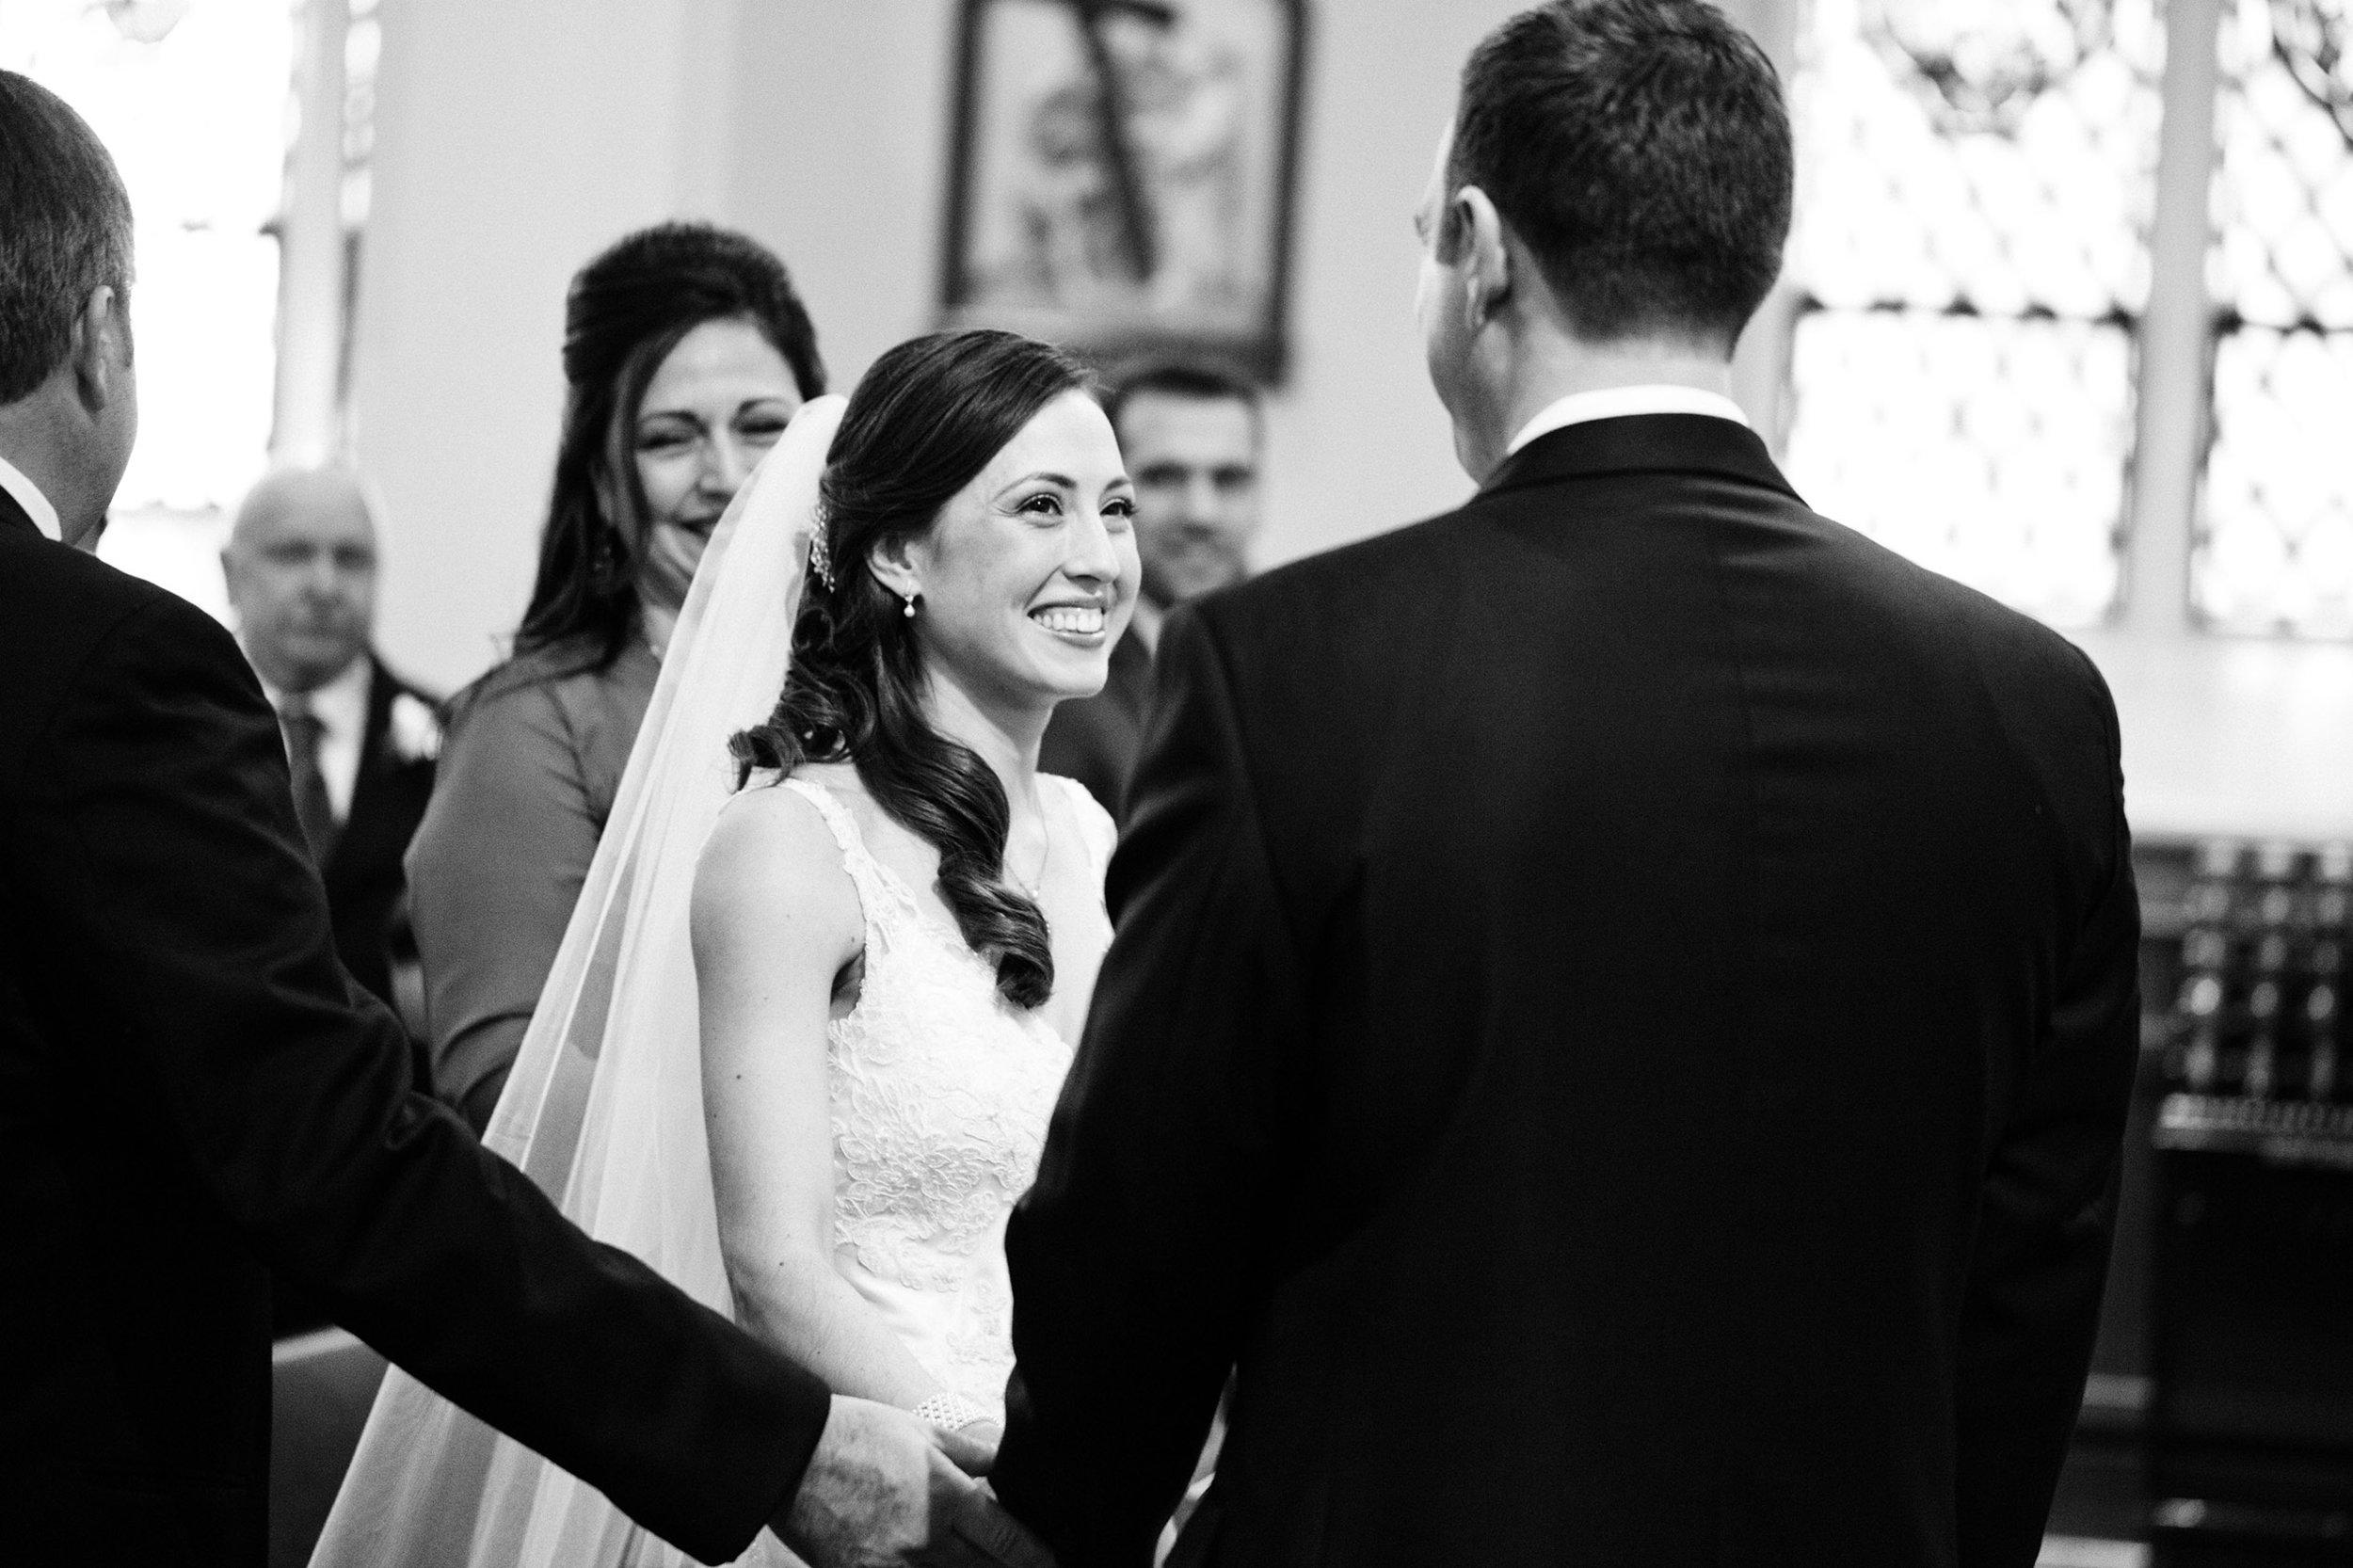 Nemours-Delaware-Art-Museum-Fall-Film-Wedding-Photographer-023.jpg